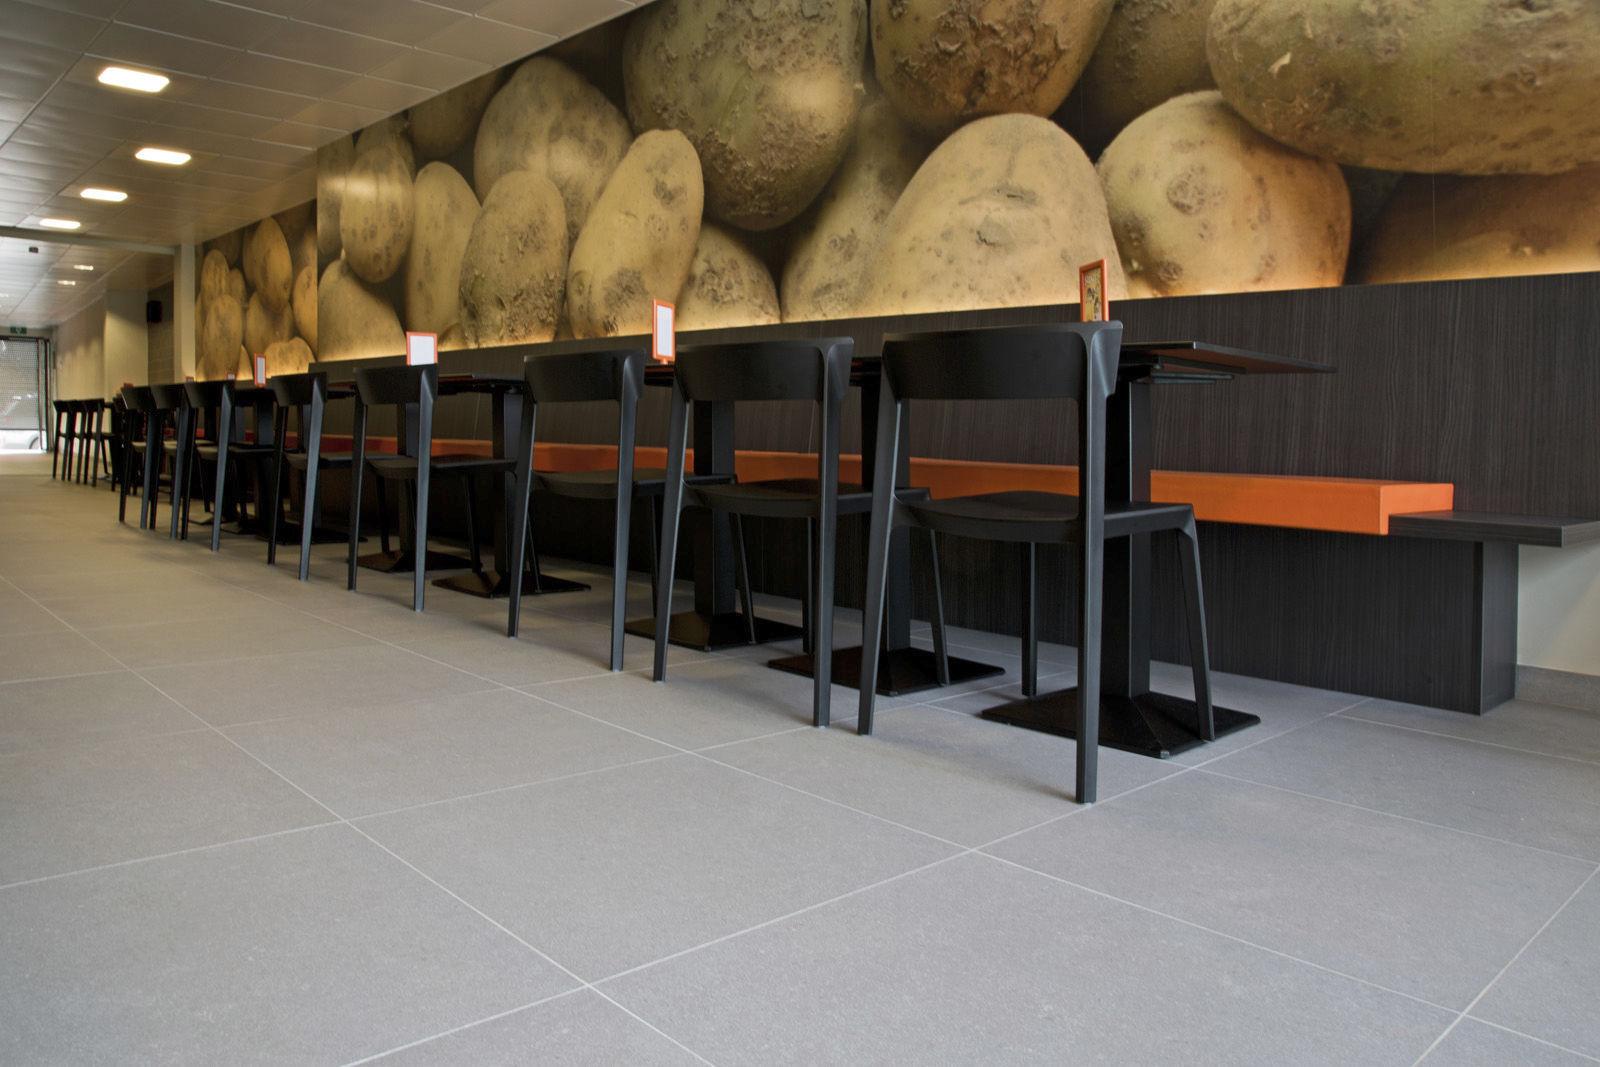 Piastrella da interno da parete per pavimento in ceramica